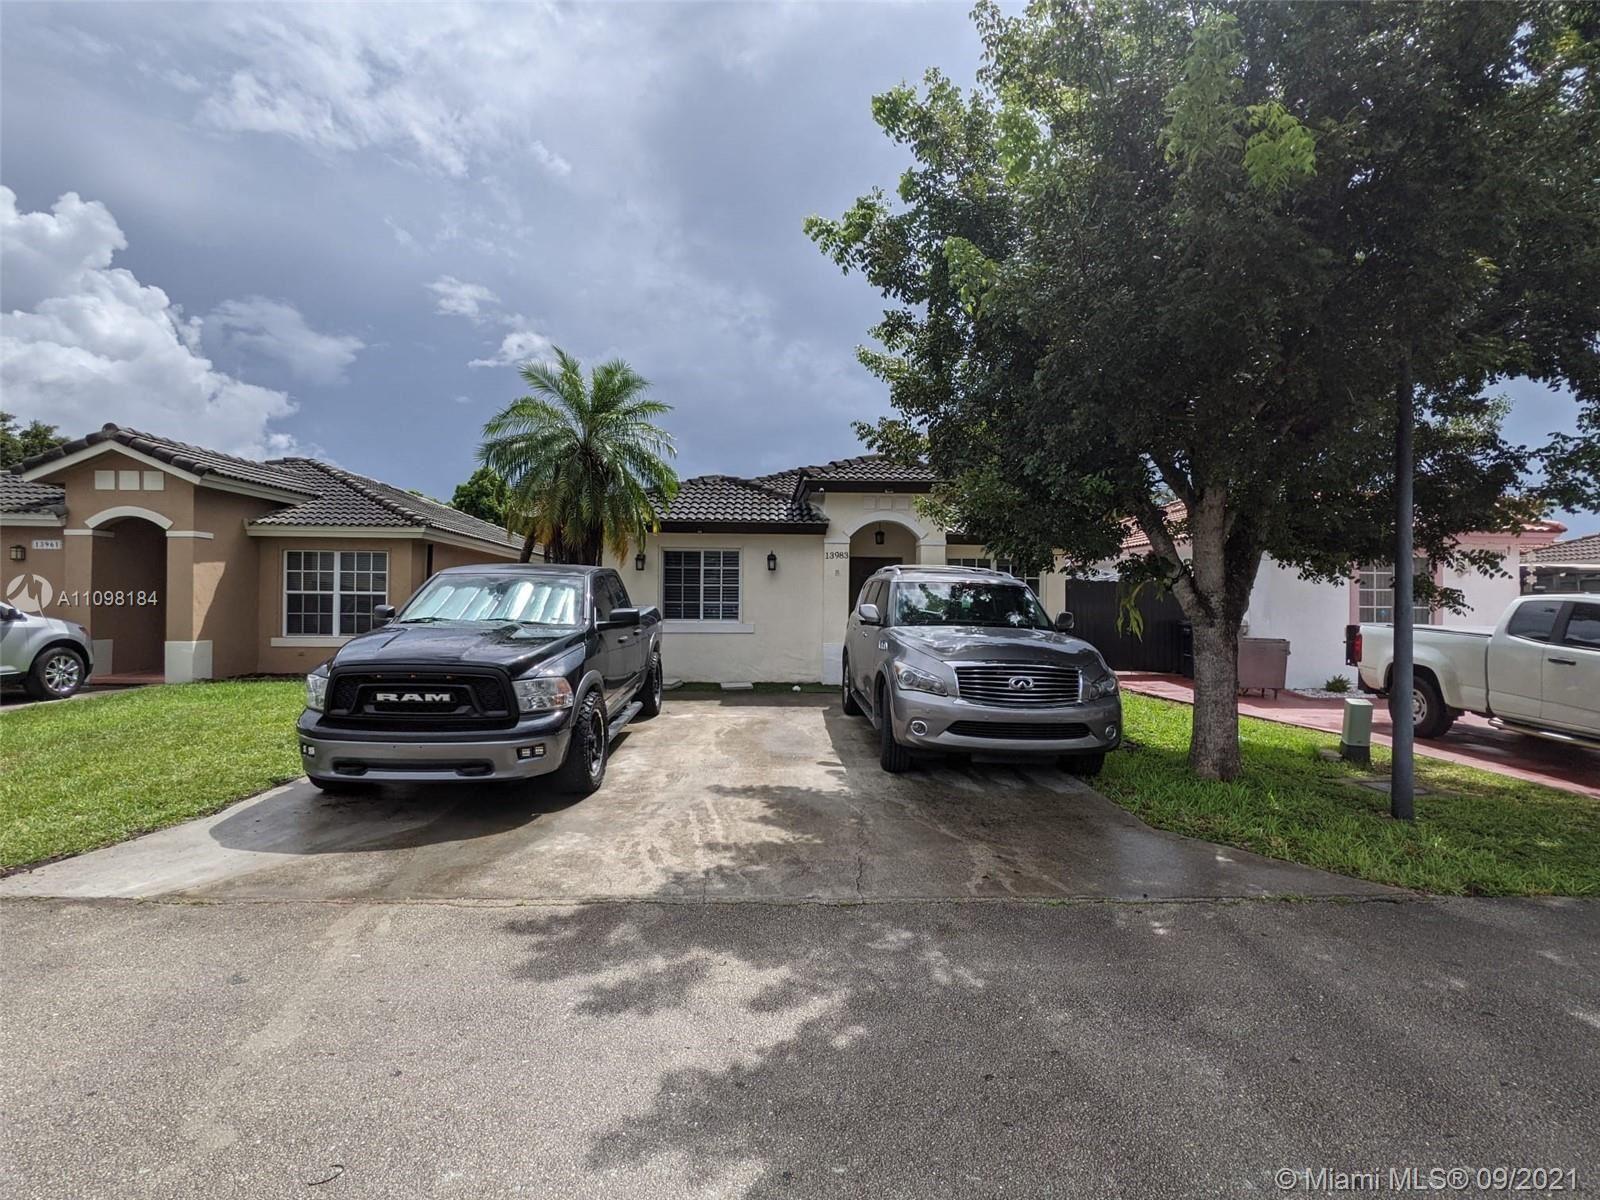 13983 SW 150th Ct, Miami, FL 33196 - #: A11098184